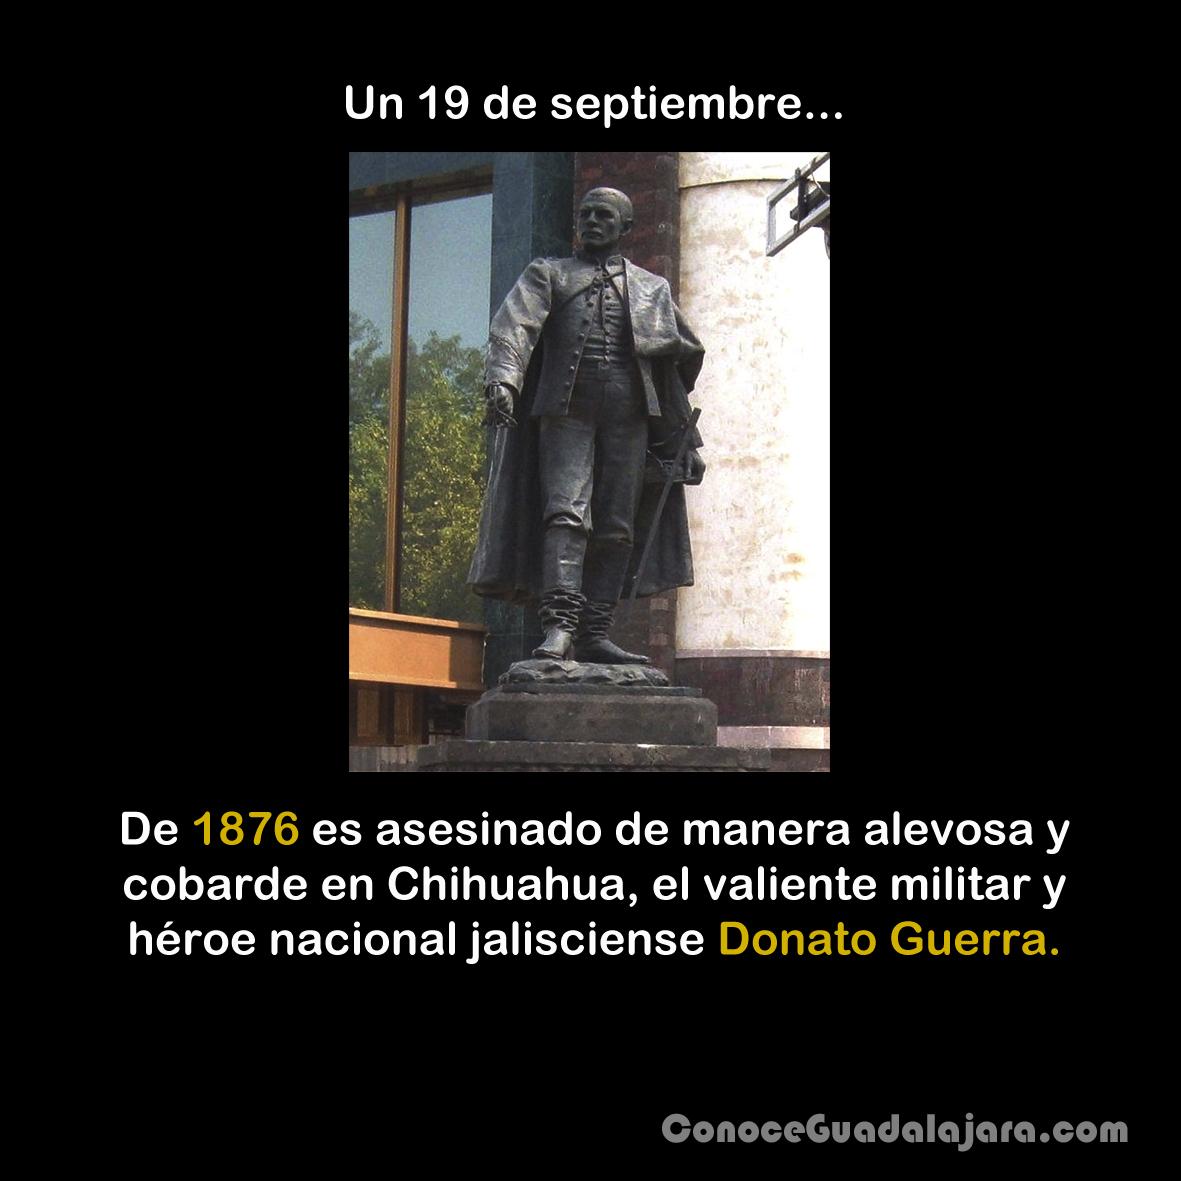 19-Septiembre-asesinato-Donato-Guerra